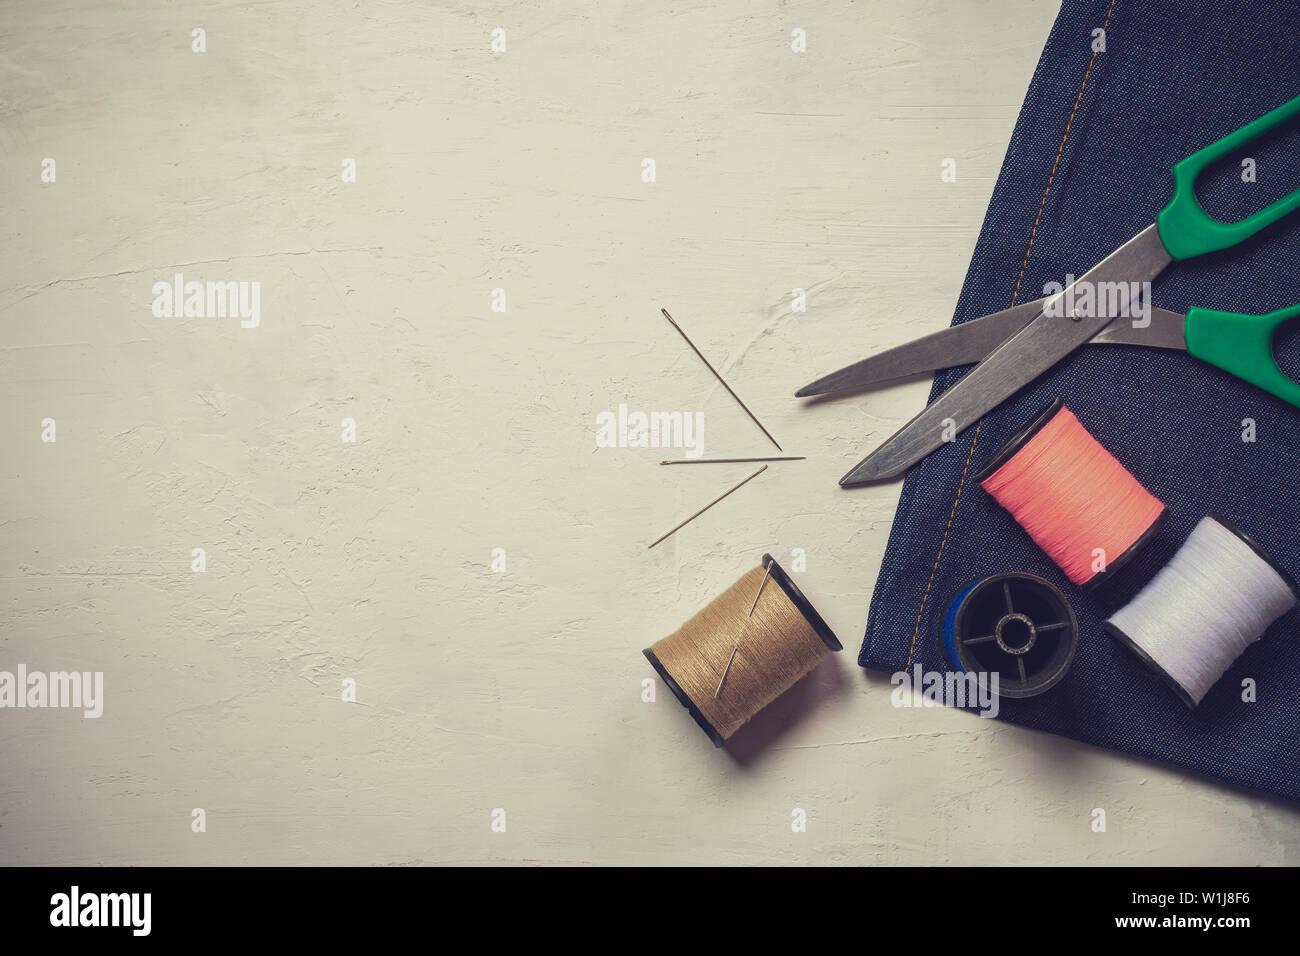 Herramientas y equipos de costura en el piso de madera blanca. Vista superior y espacio para copiar texto. Concepto de sastre o diseñador de moda. Foto de stock